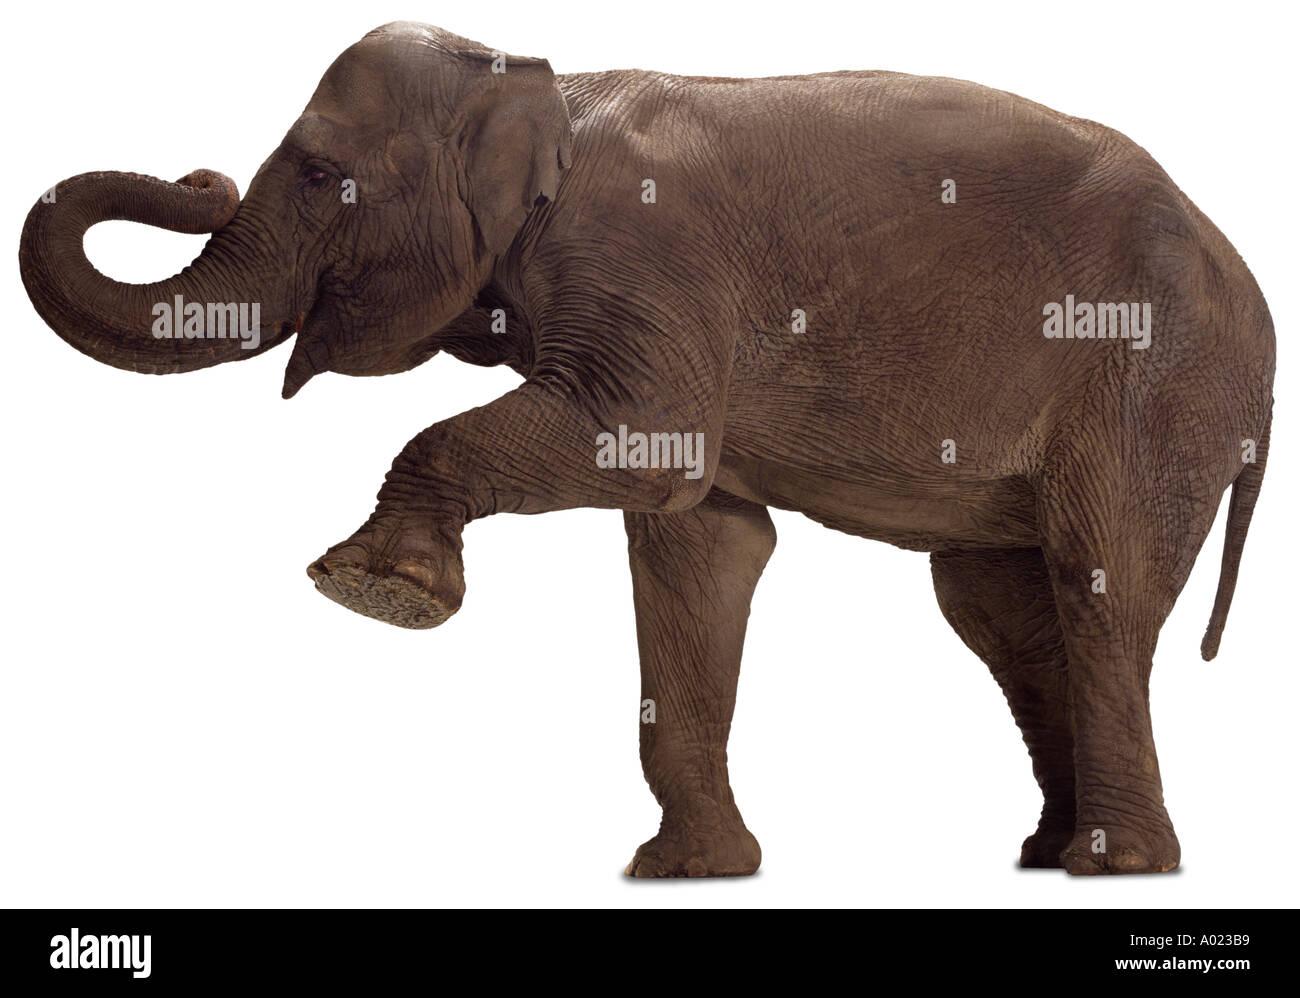 elefante Imagen De Stock